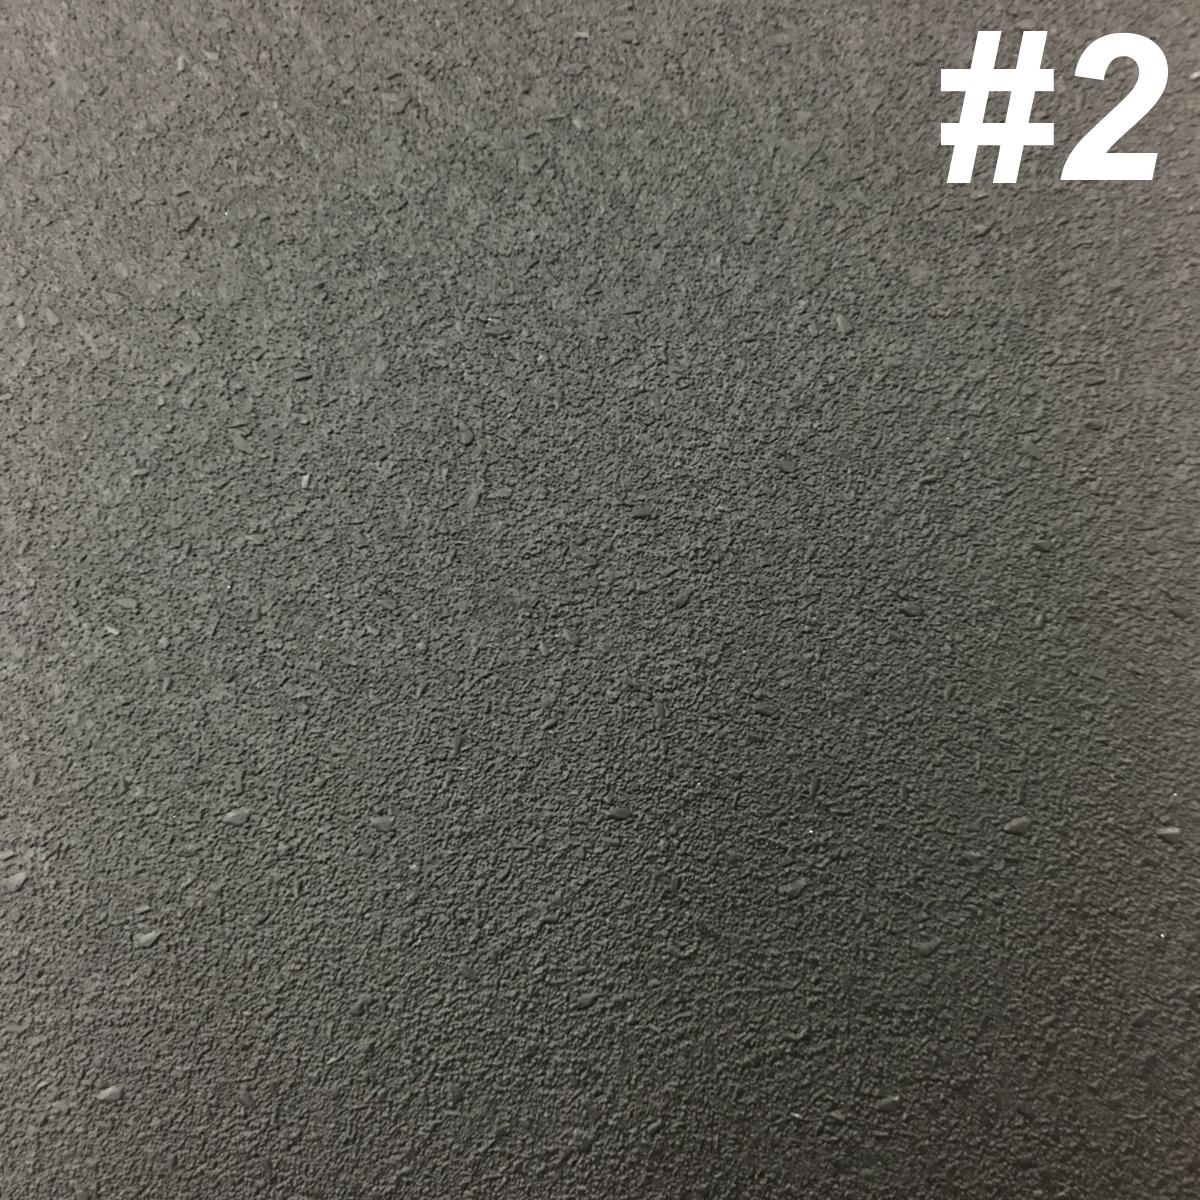 ヤフオク 黒部屋シリーズ 黒色壁紙クロス4種ブラックウ